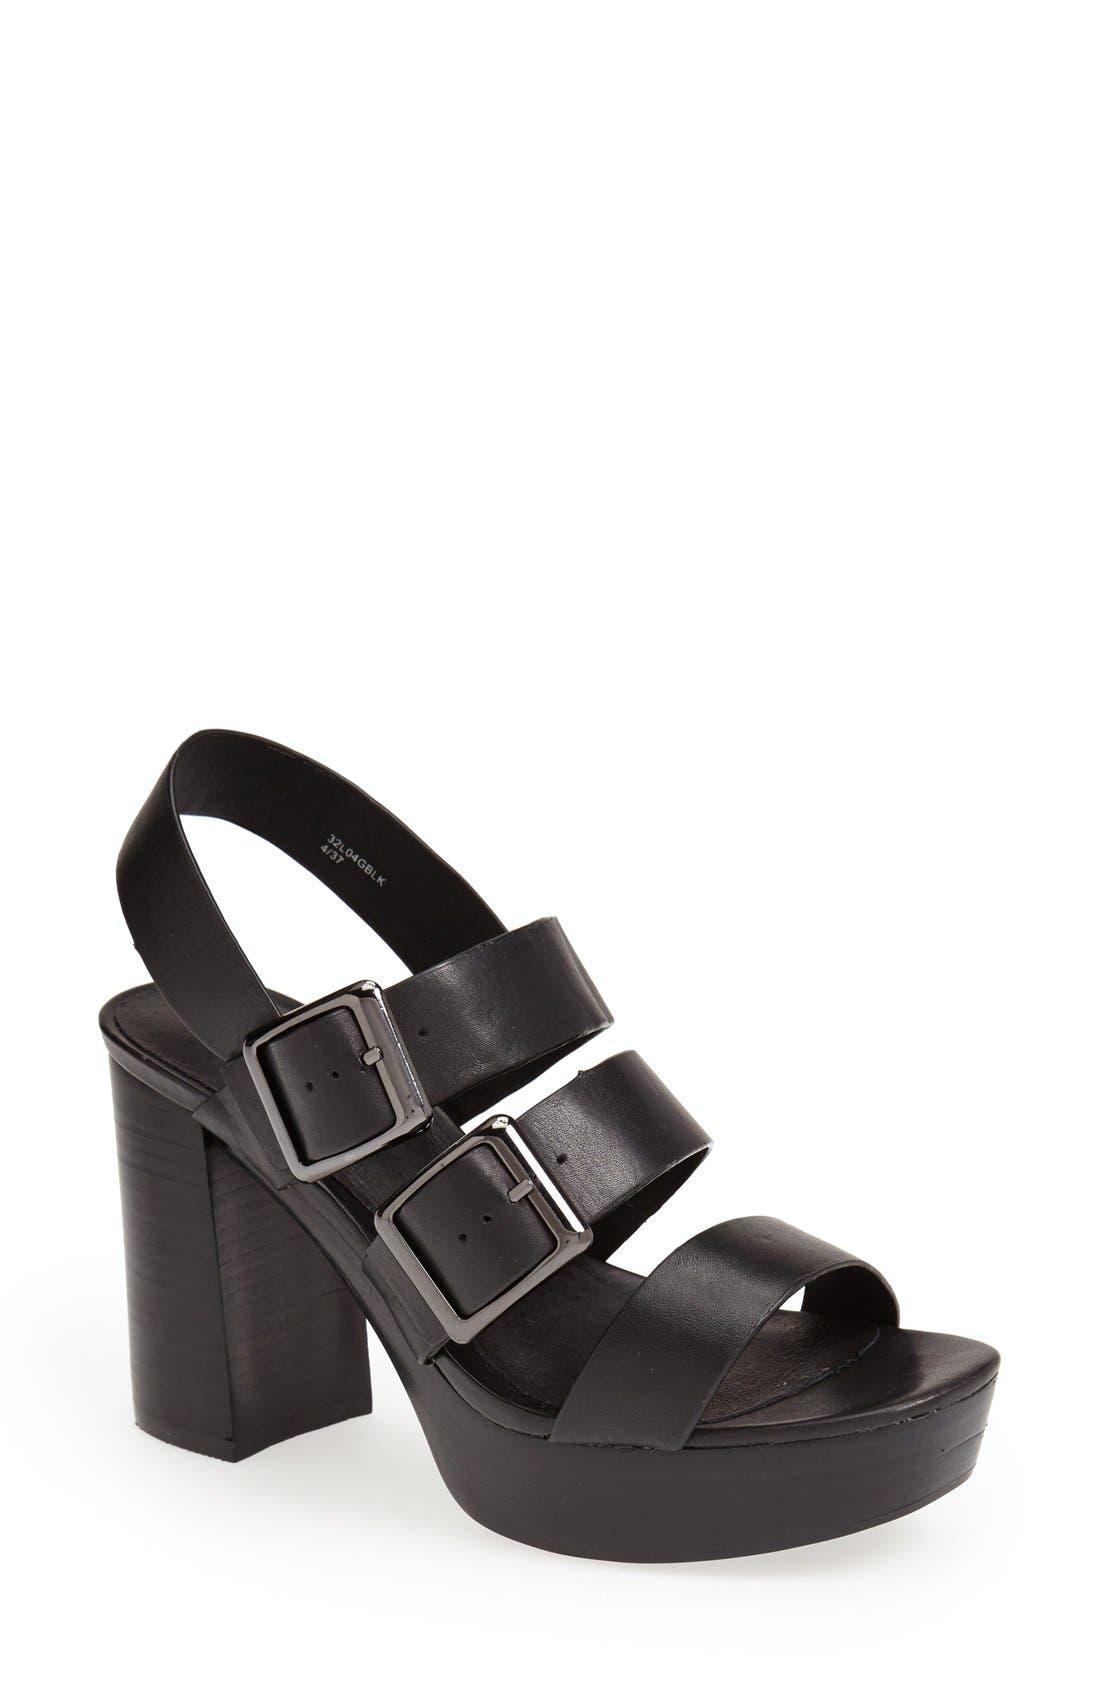 Main Image - Topshop 'Lawless' Platform Sandal (Women)